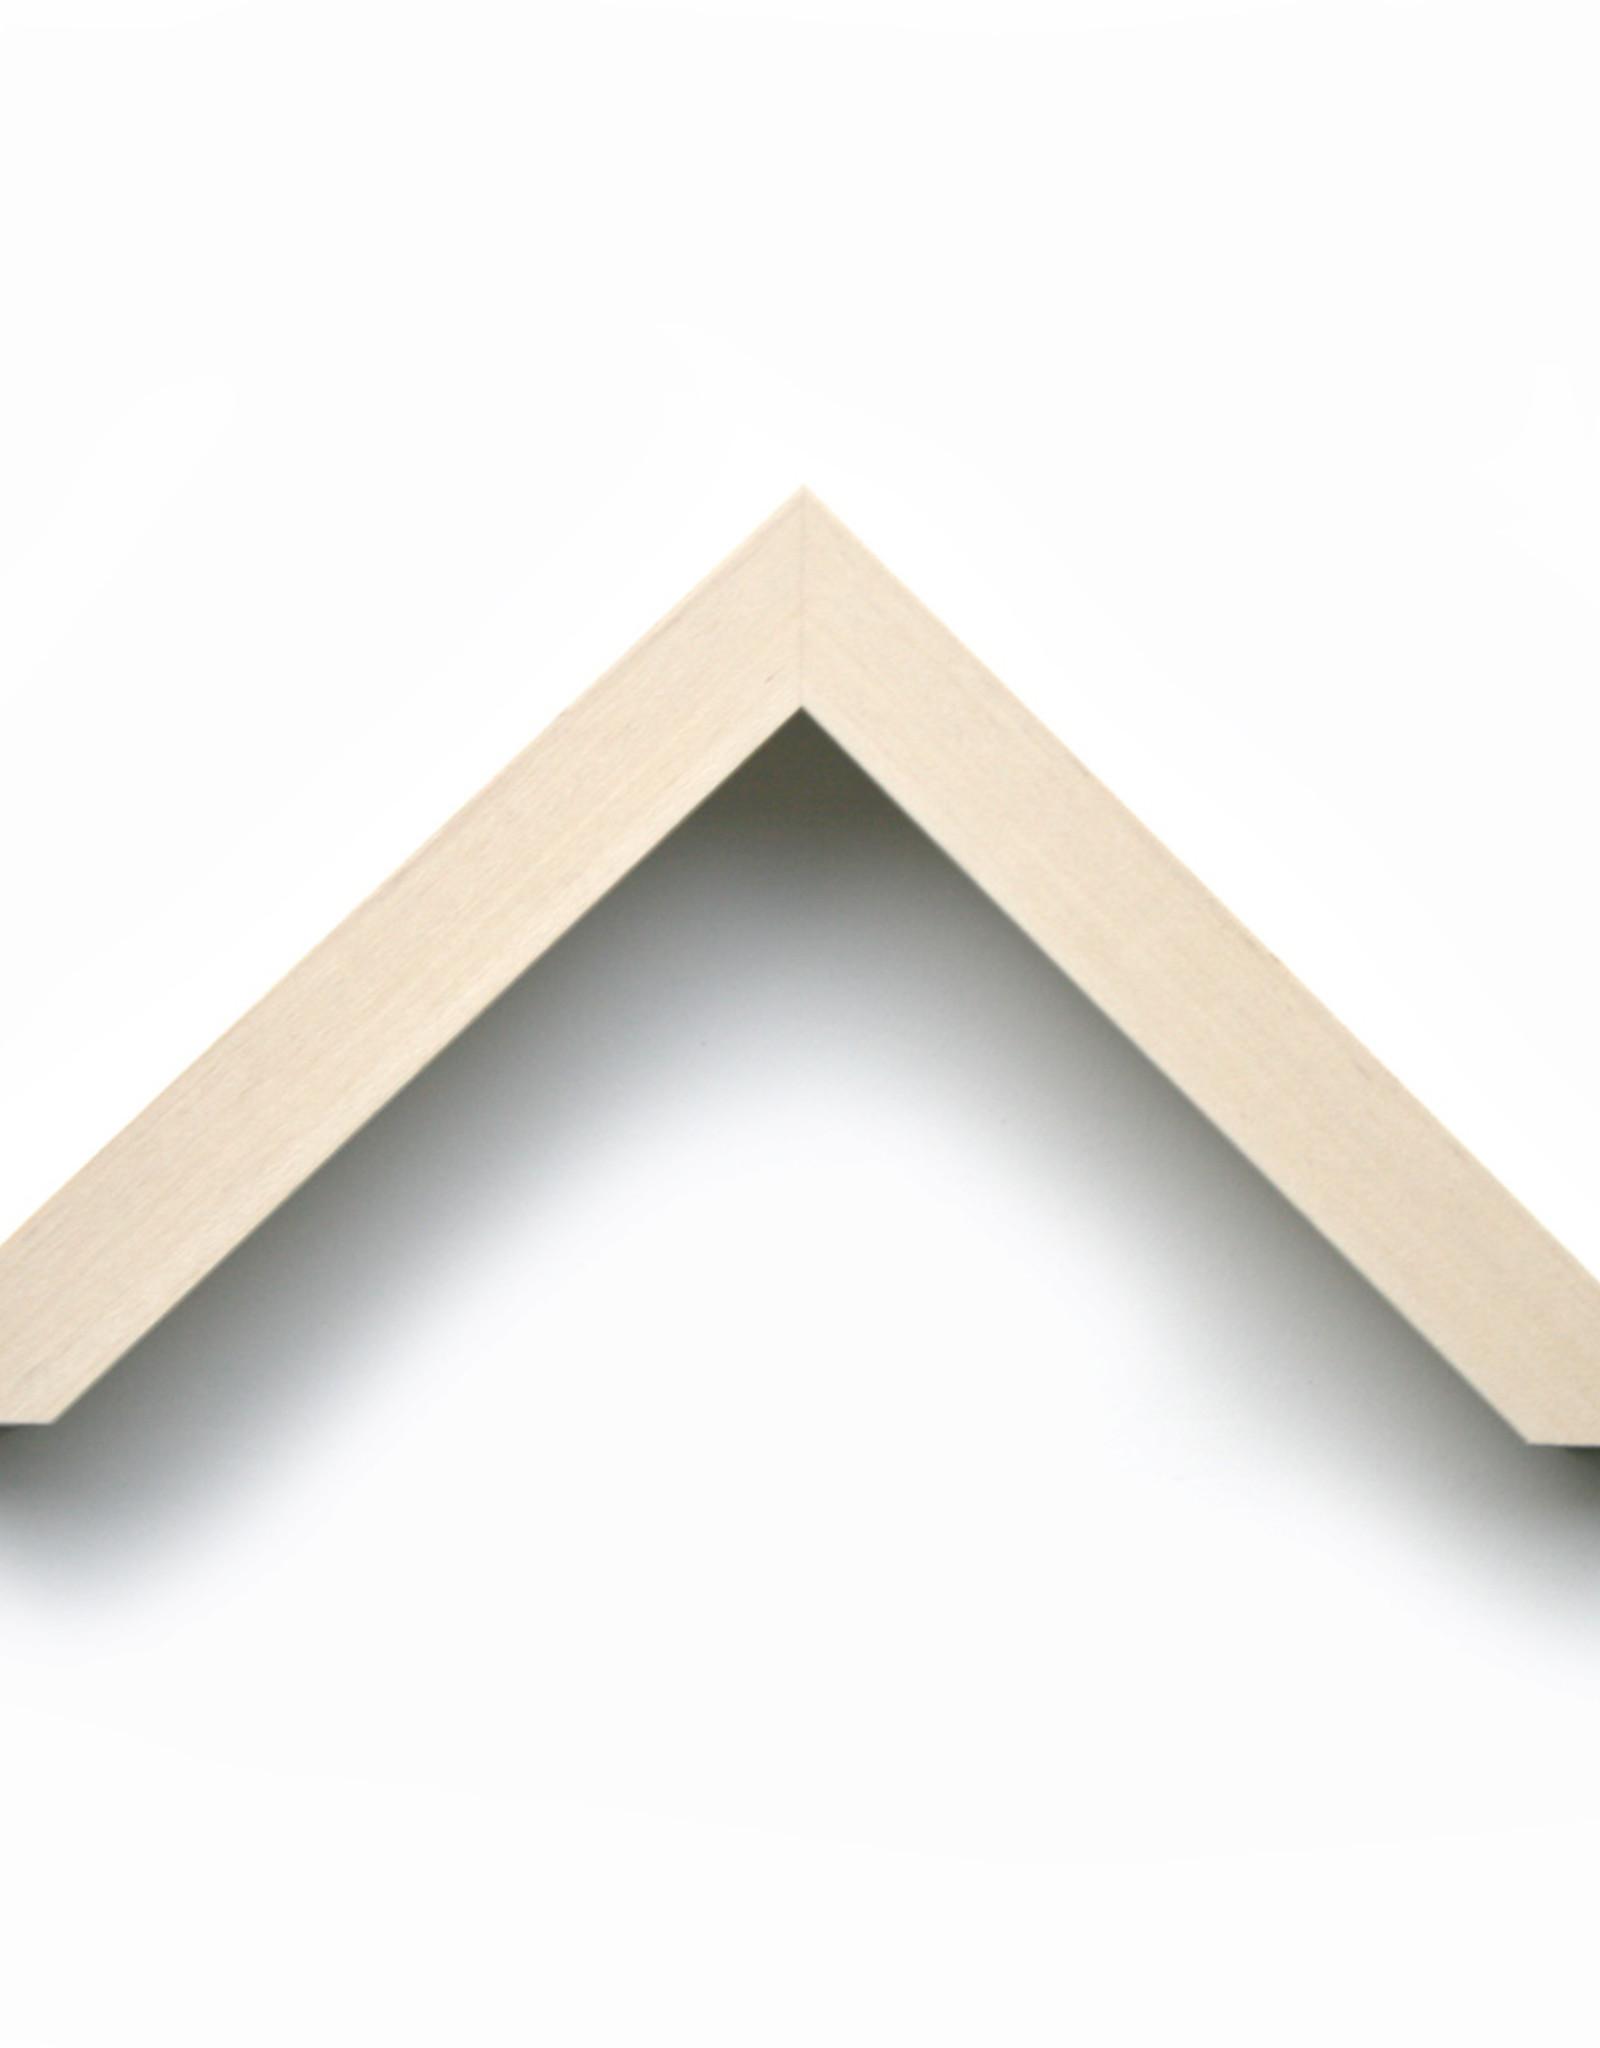 Barth¨ (Larson Juhl) Wissellijst 60x80 Barth profiel 18x28mm(210)